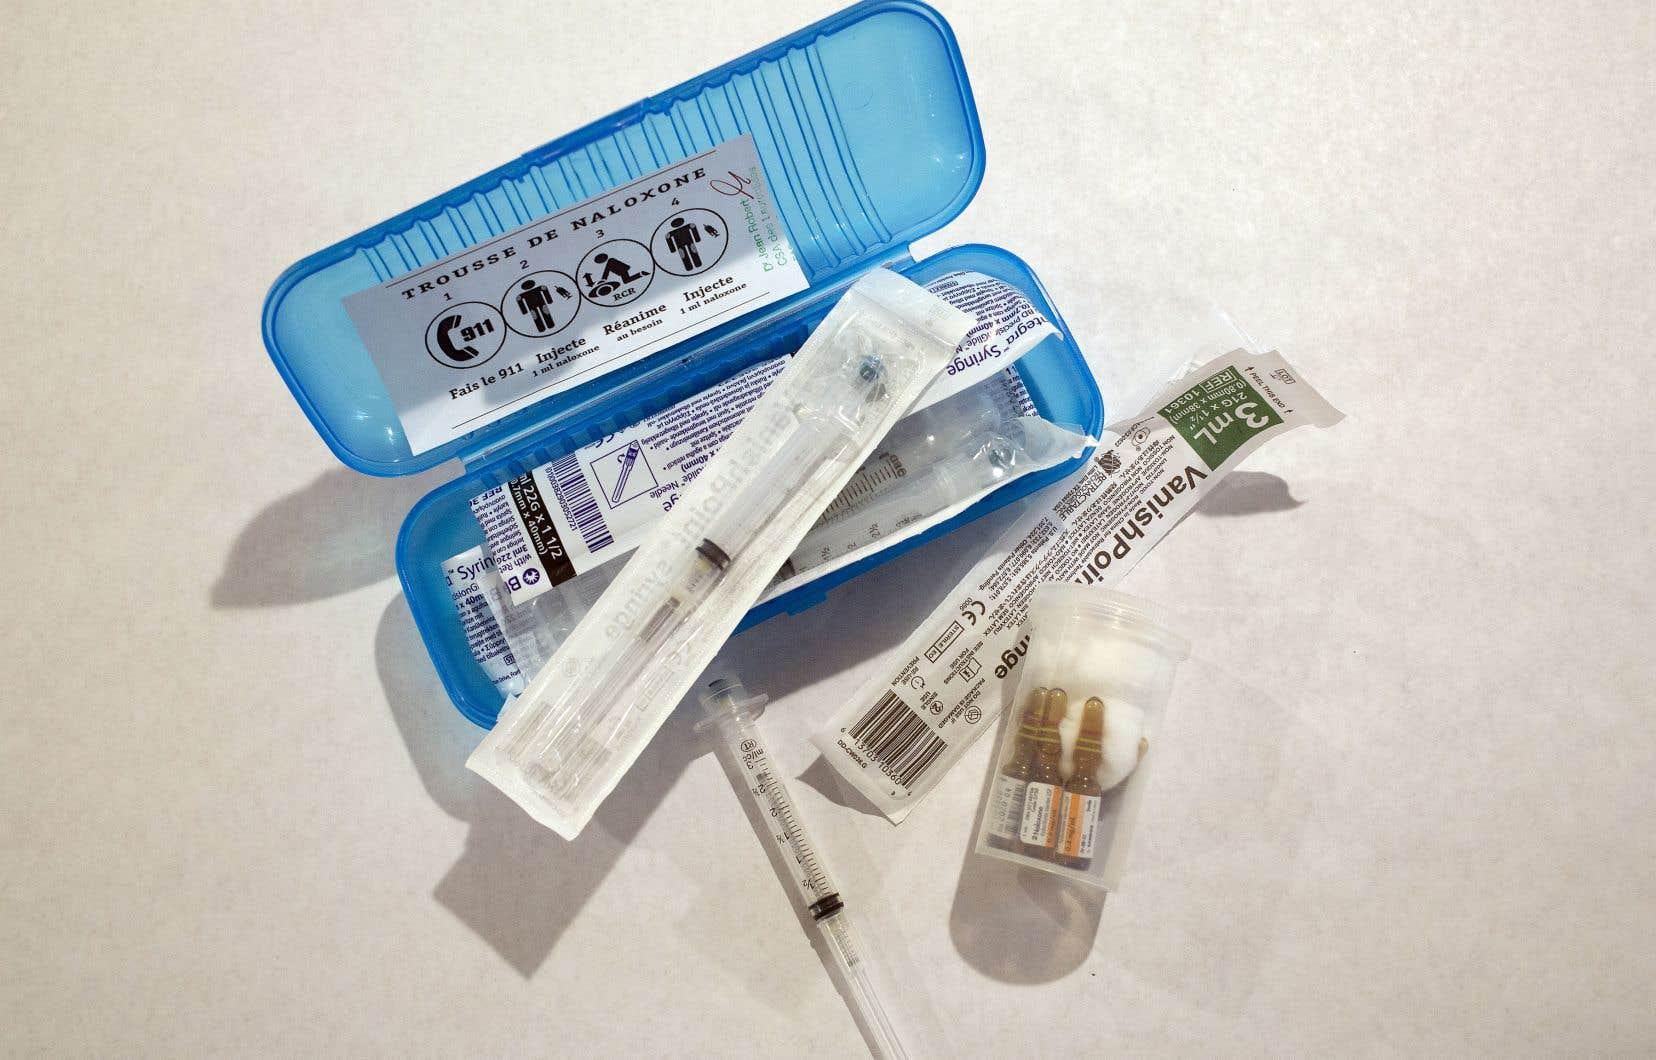 Une trousse préparée par la Clinique Santé Amitié contenant des seringues aux aiguilles rétractables et des fioles de naloxone pouvant sauver des vies lors de surdoses.